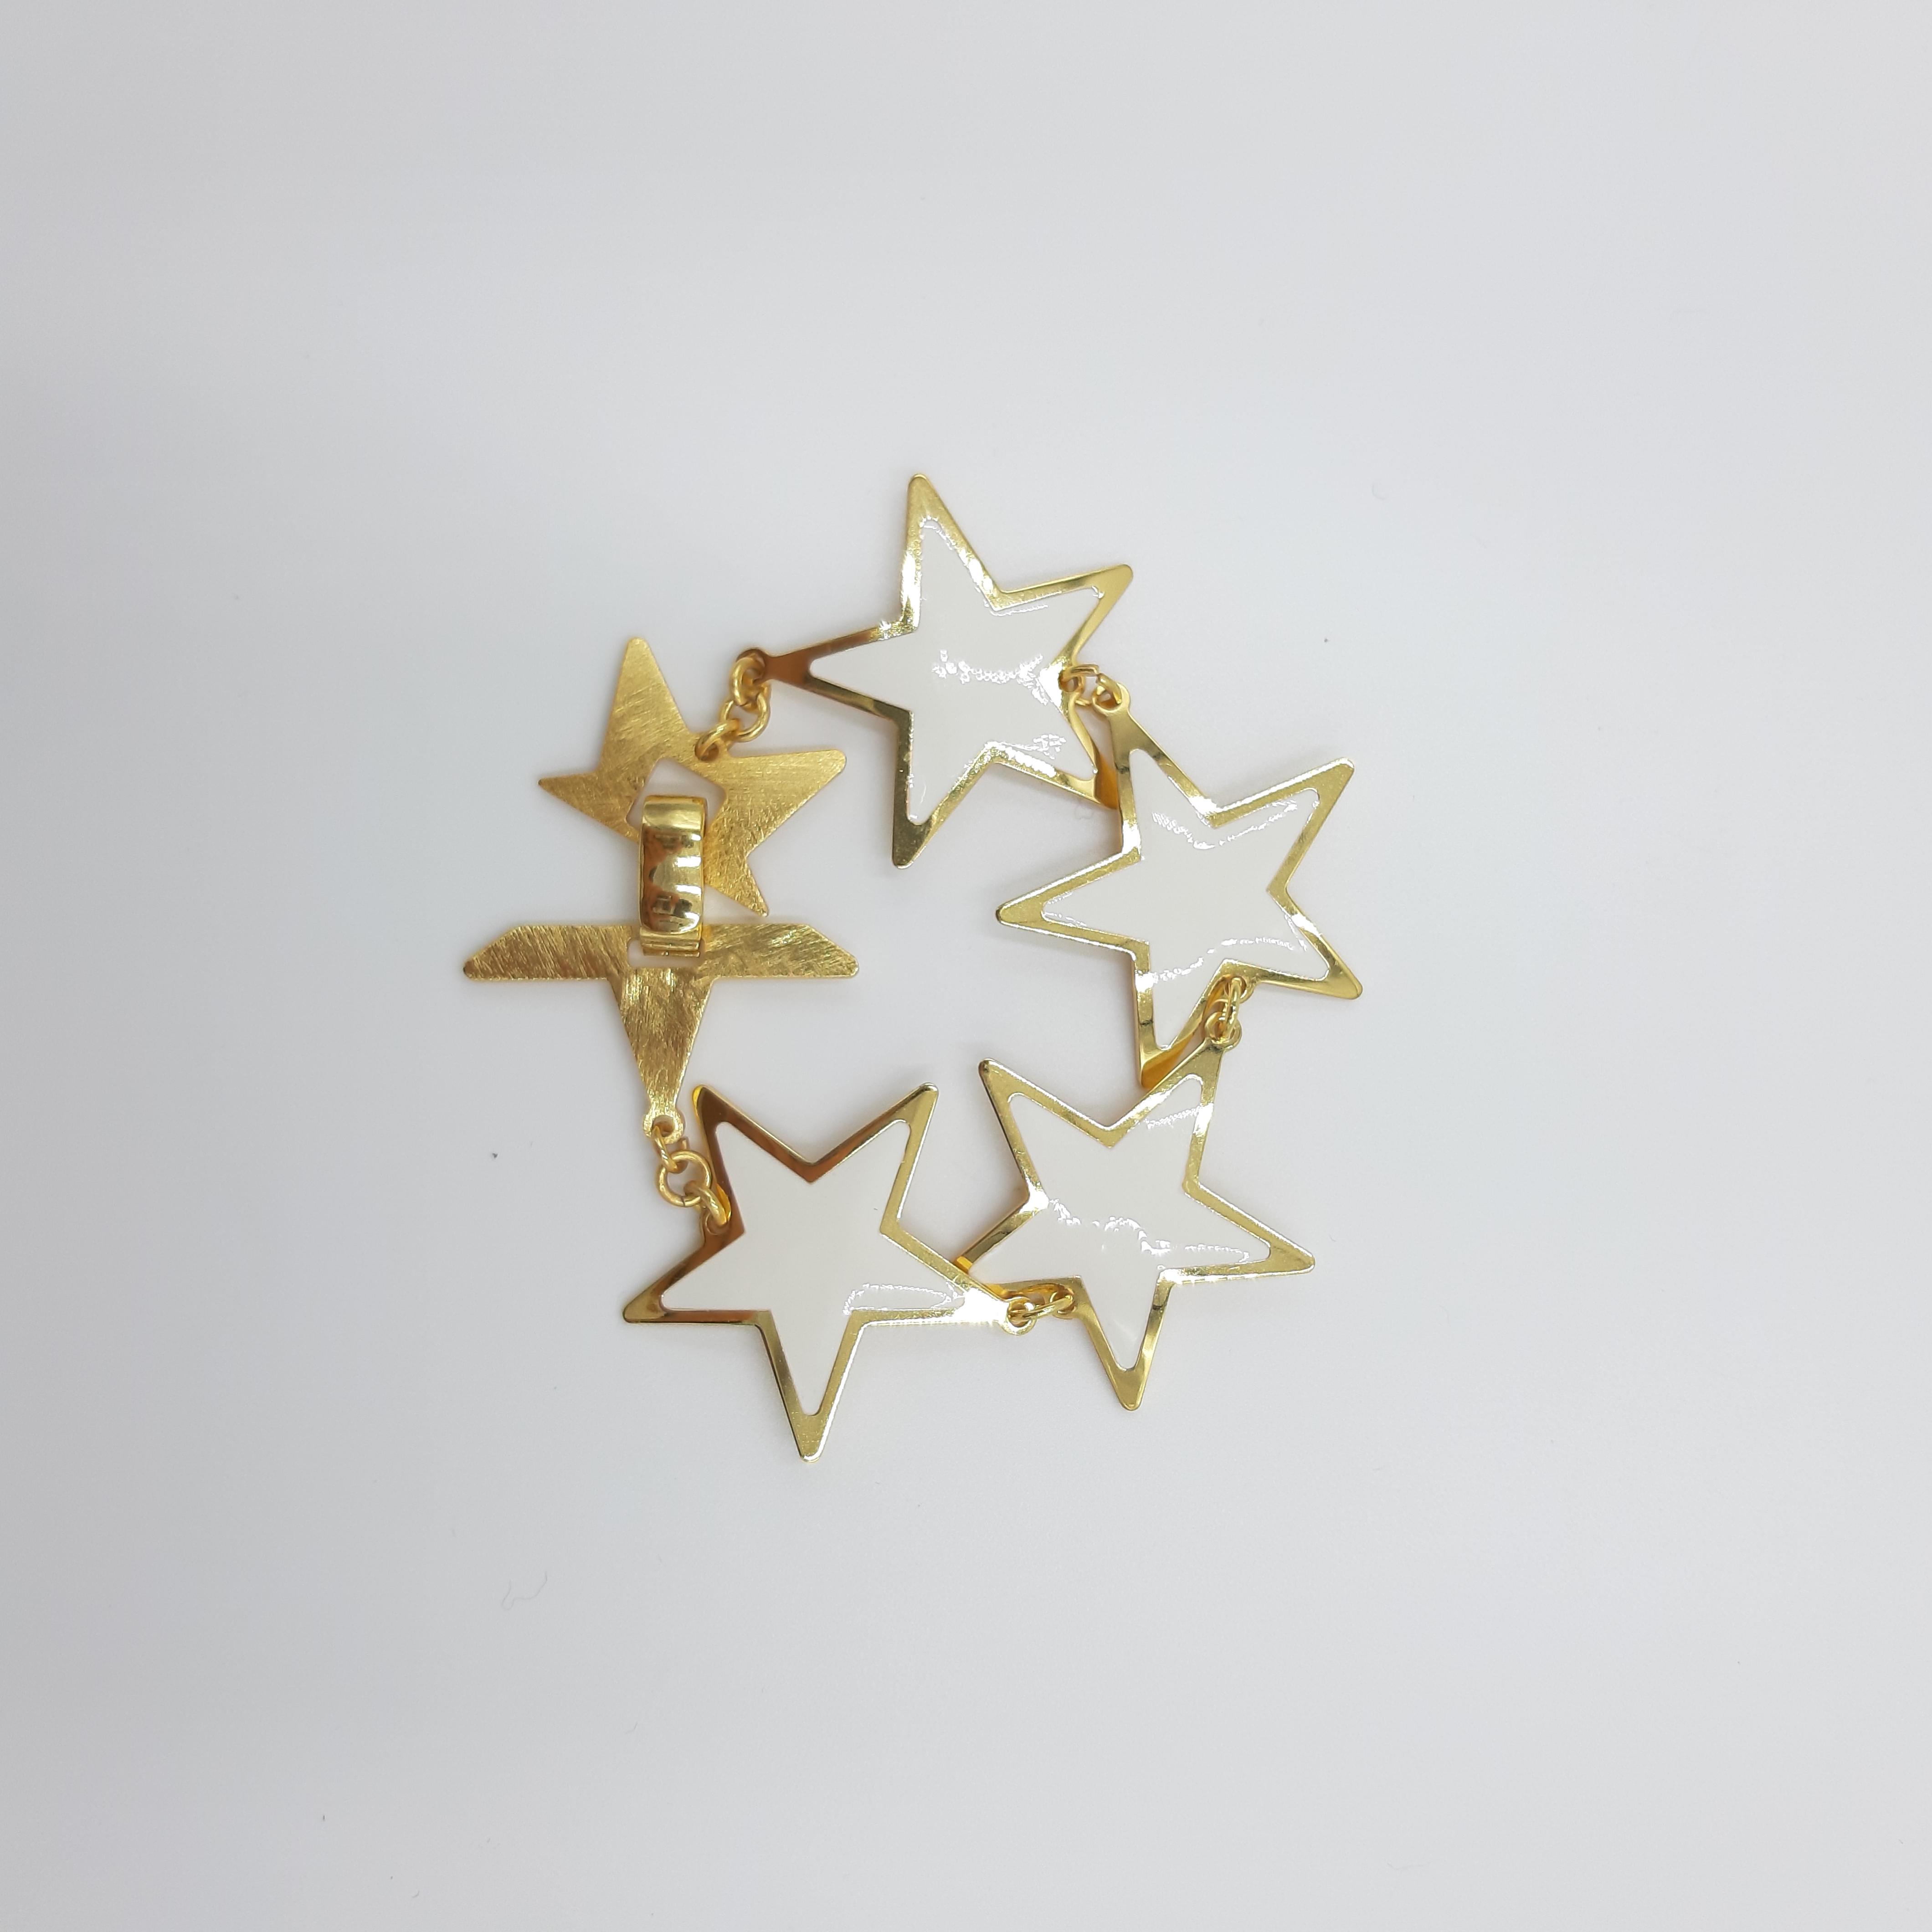 Bracciale oro con stelle bianche Francesca Bianchi Design